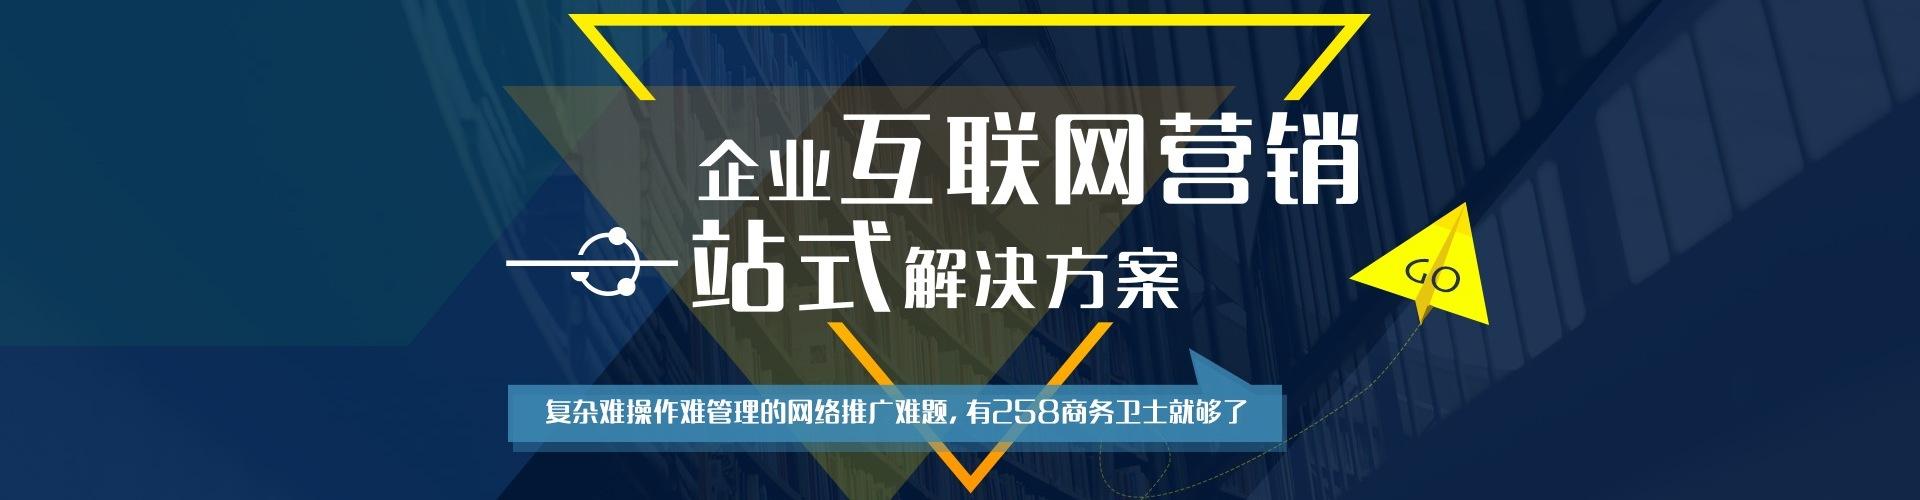 江门网络推广-福建创新型的网络推广公司